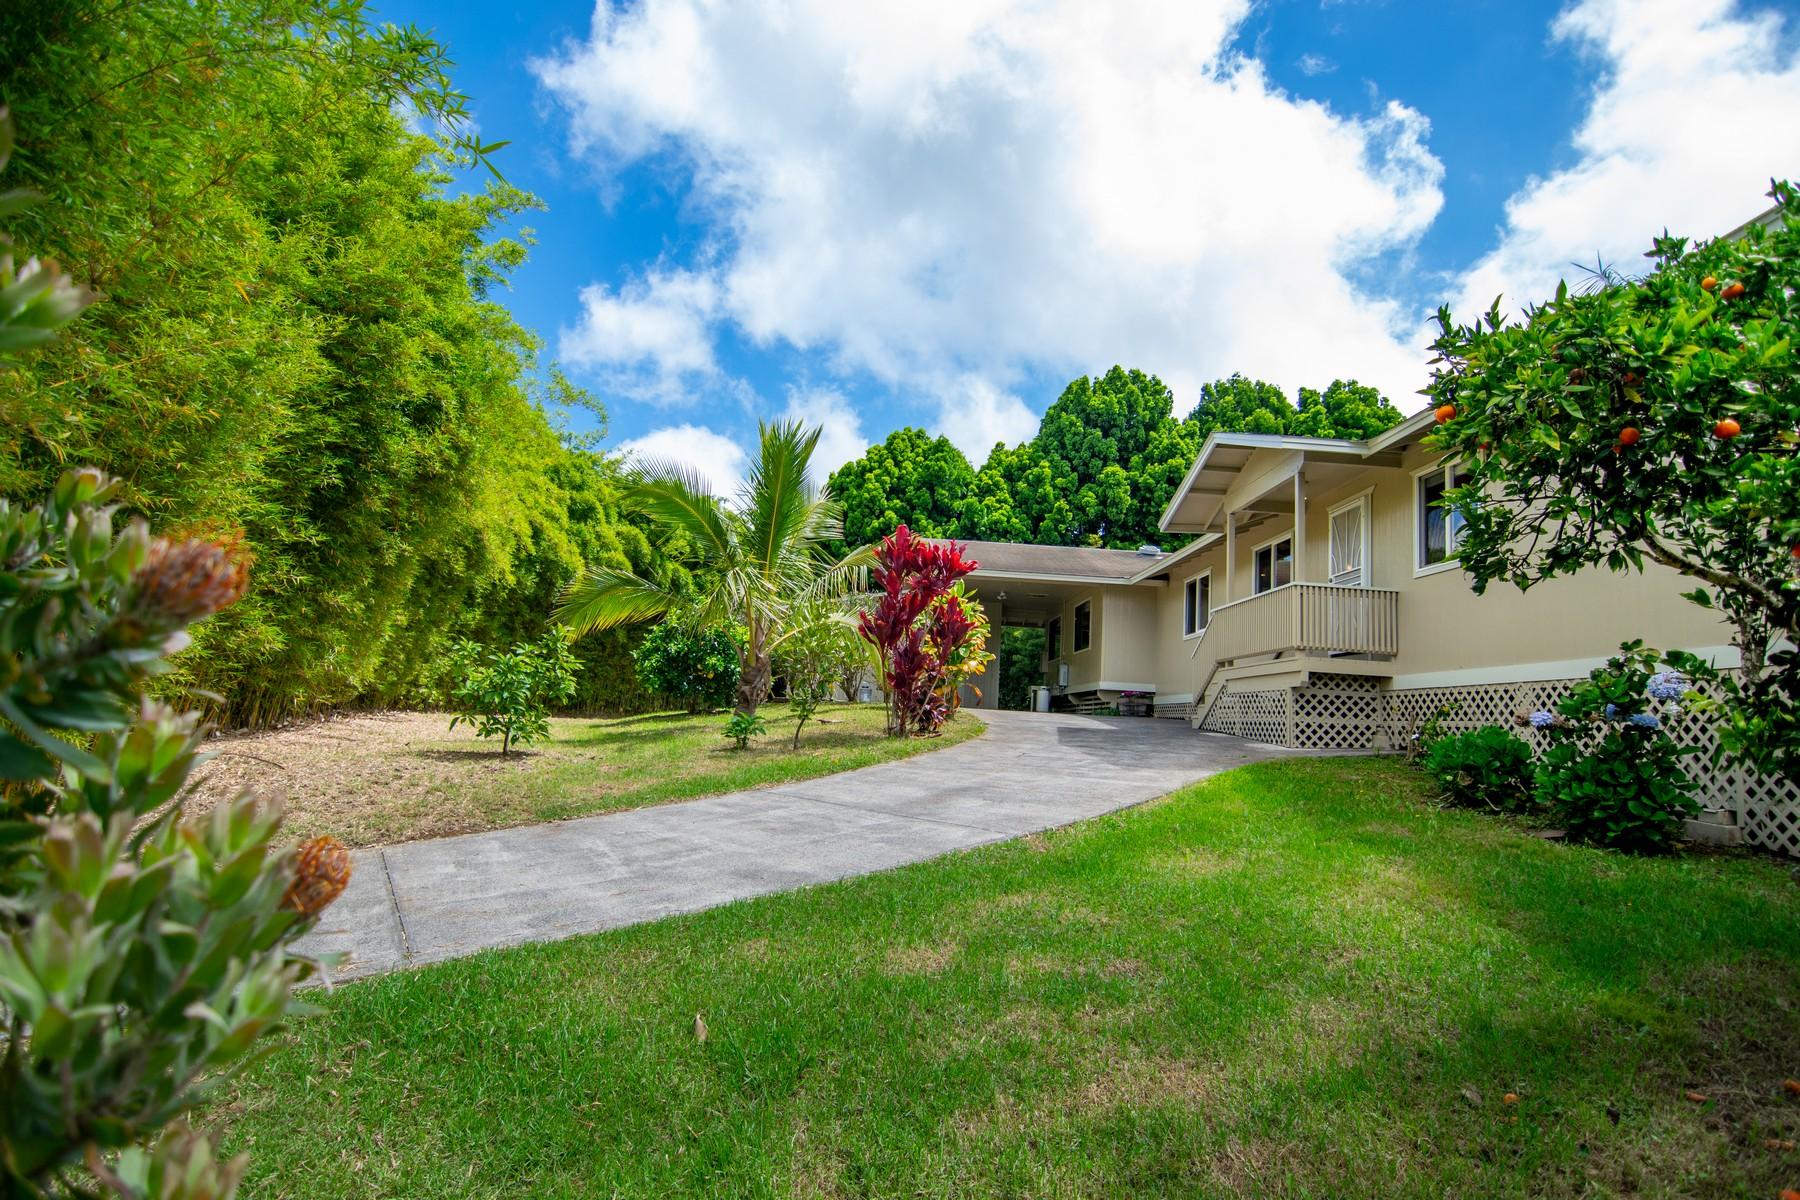 一戸建て のために 売買 アット Private Backyard Oasis 67 Ainakula Road Kula, ハワイ 96790 アメリカ合衆国